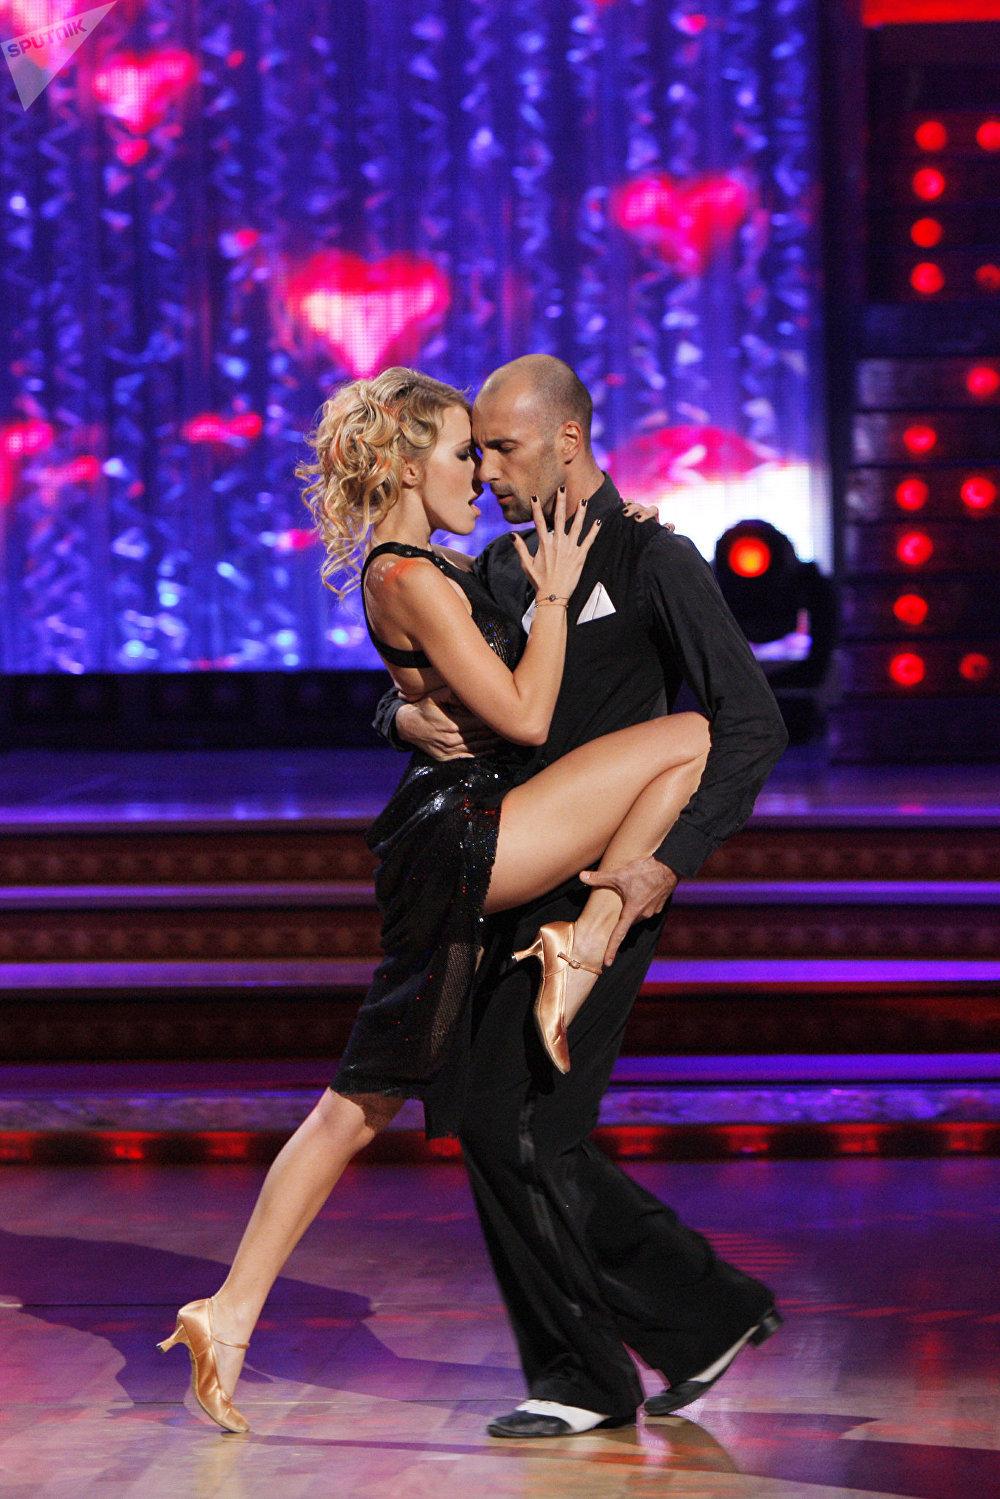 A apresentadora Ksenia Sobchak com o dançarino Yevgueny Papunaishvili durante o show de TV Dança com as estrelas